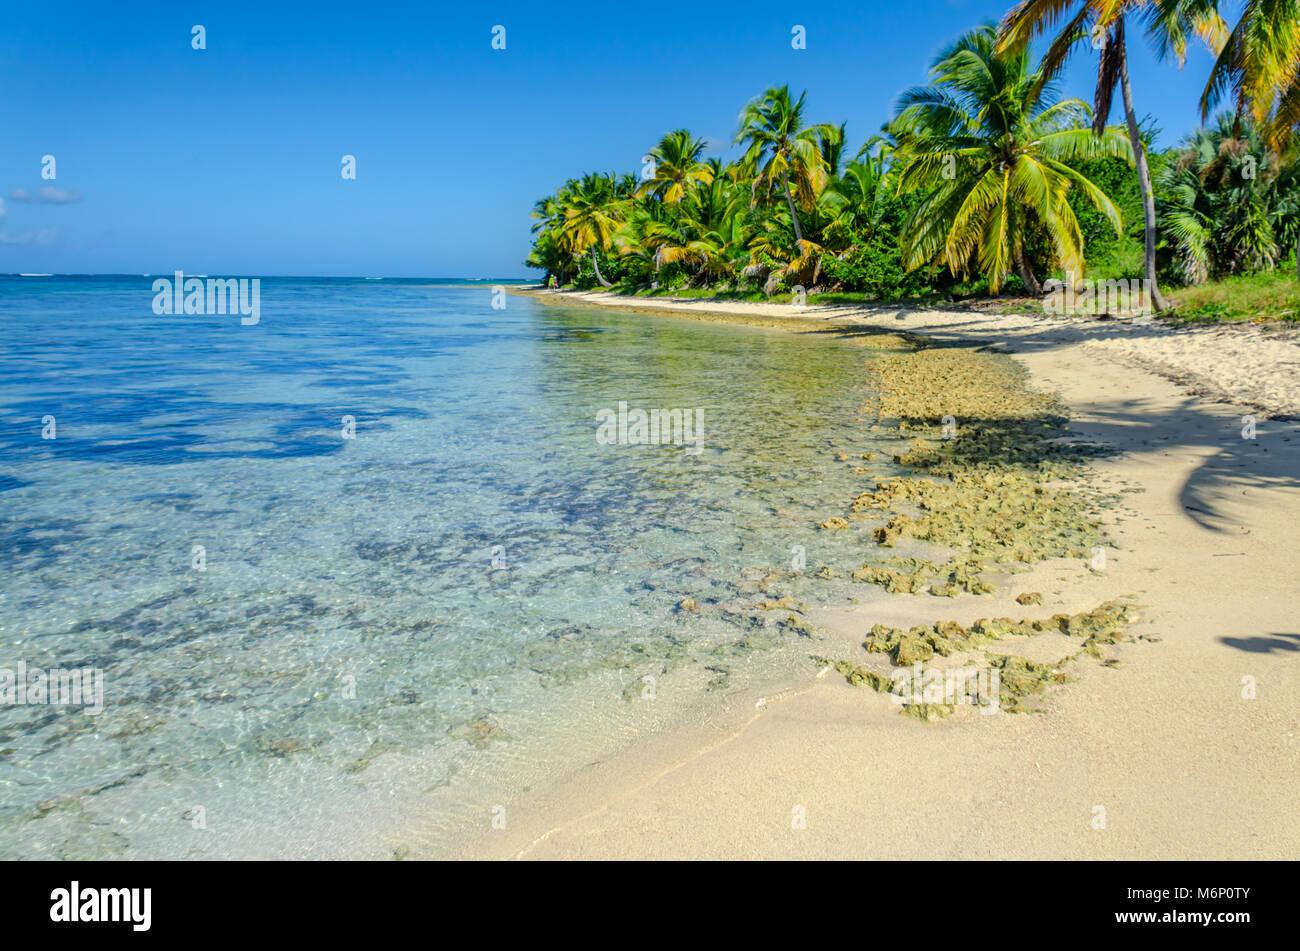 Plage tropicale avec l'eau de mer transparente, palmeraie, des pierres, des gens qui marchent le long de la Photo Stock